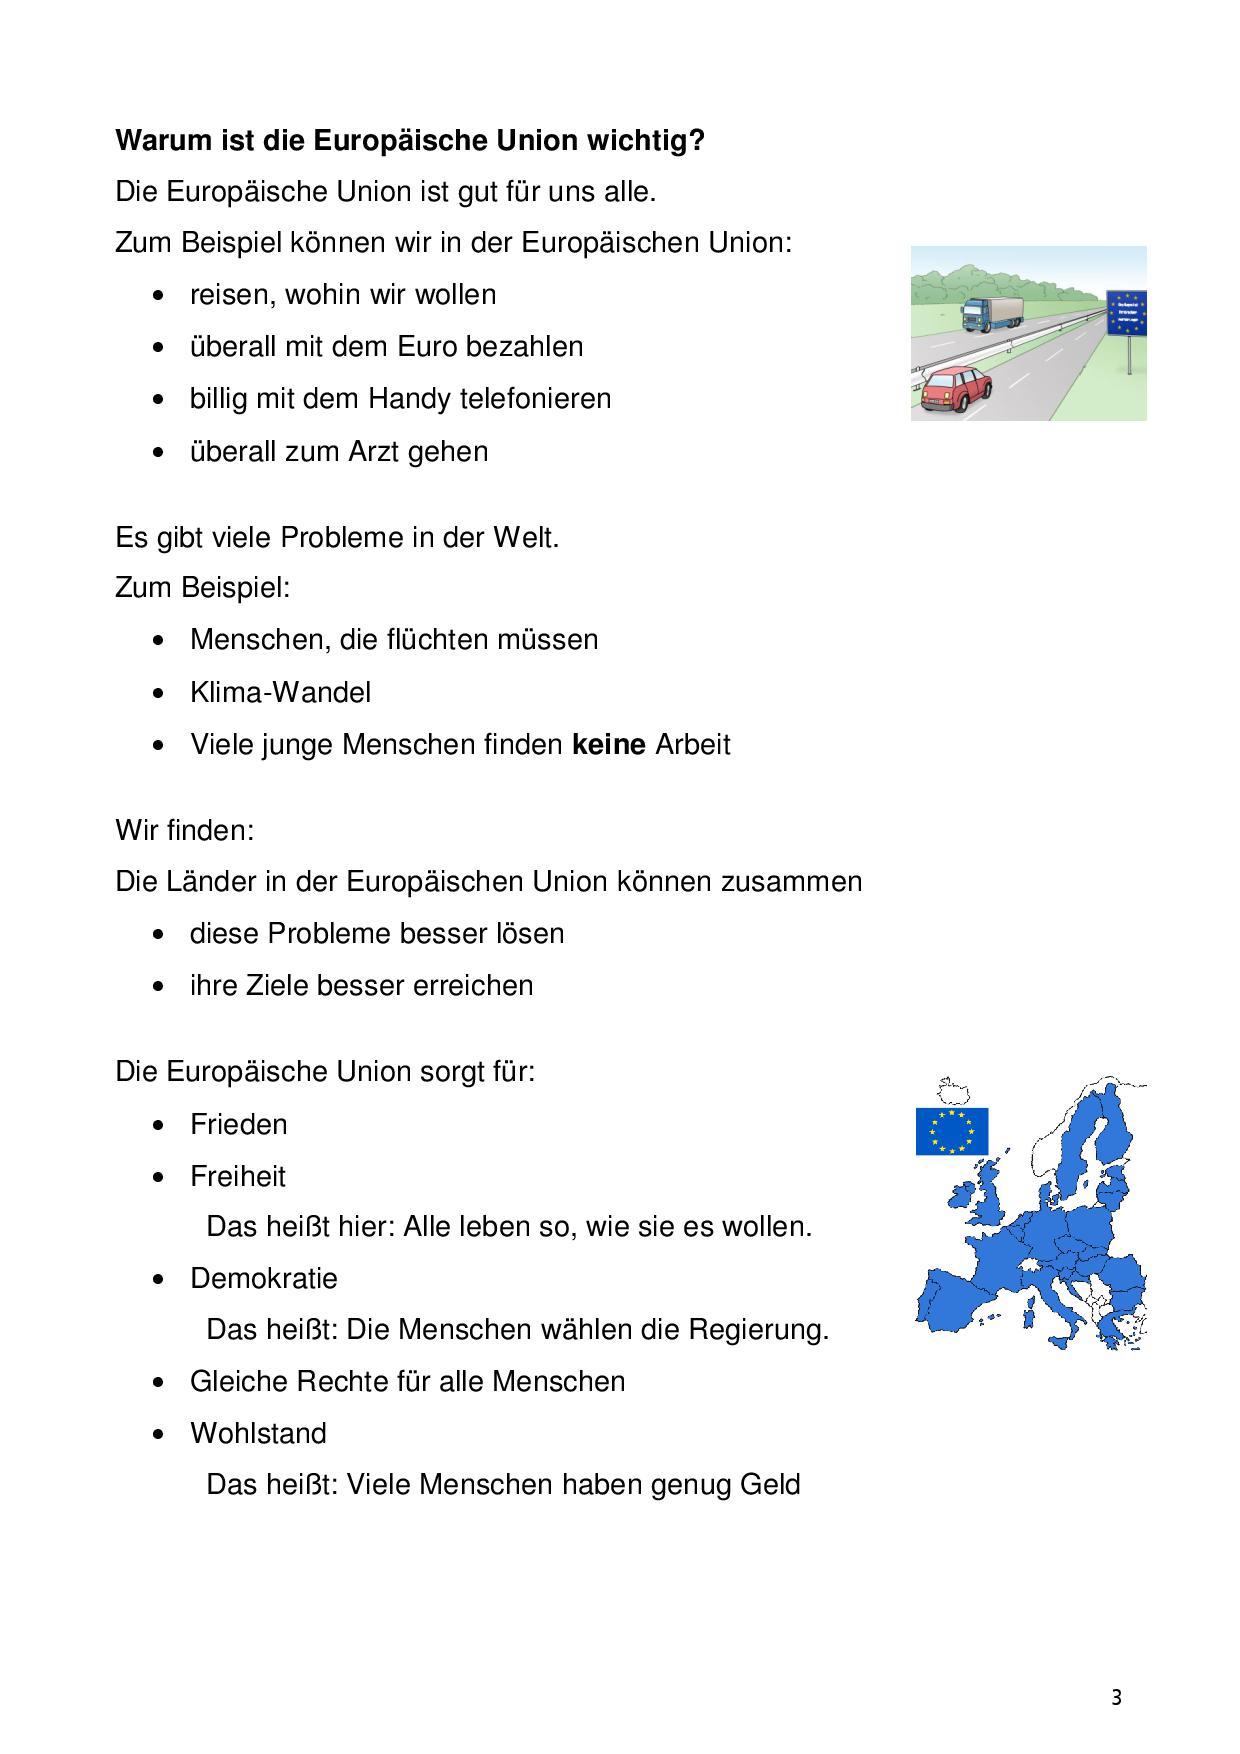 E 2019 7 Wahlaufruf Europawahl + Übersetzung FINAL-003